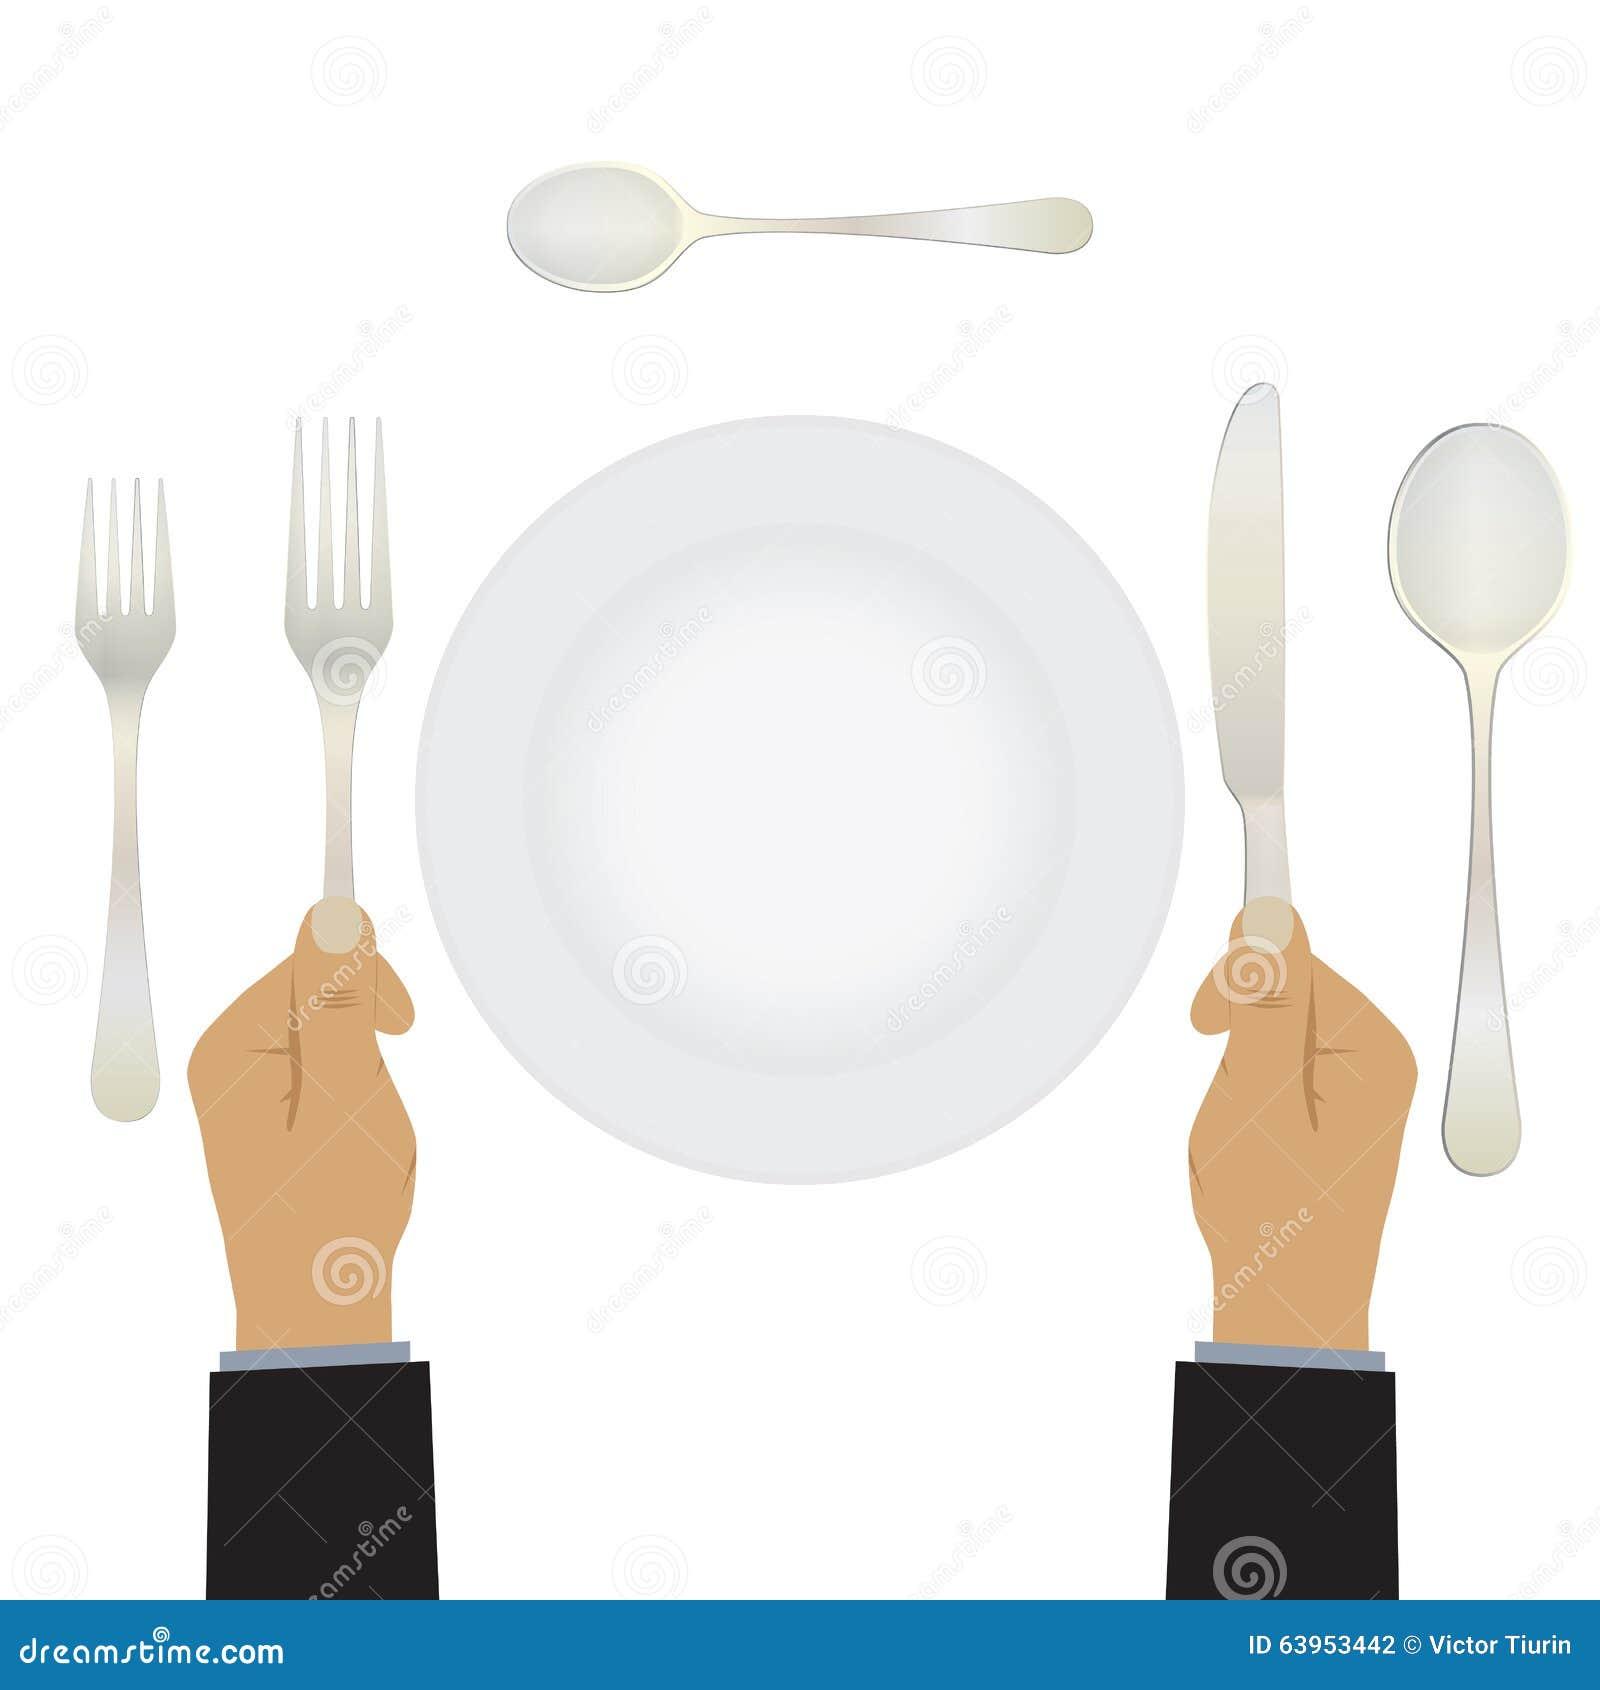 Mão com uma faca e uma forquilha tableware